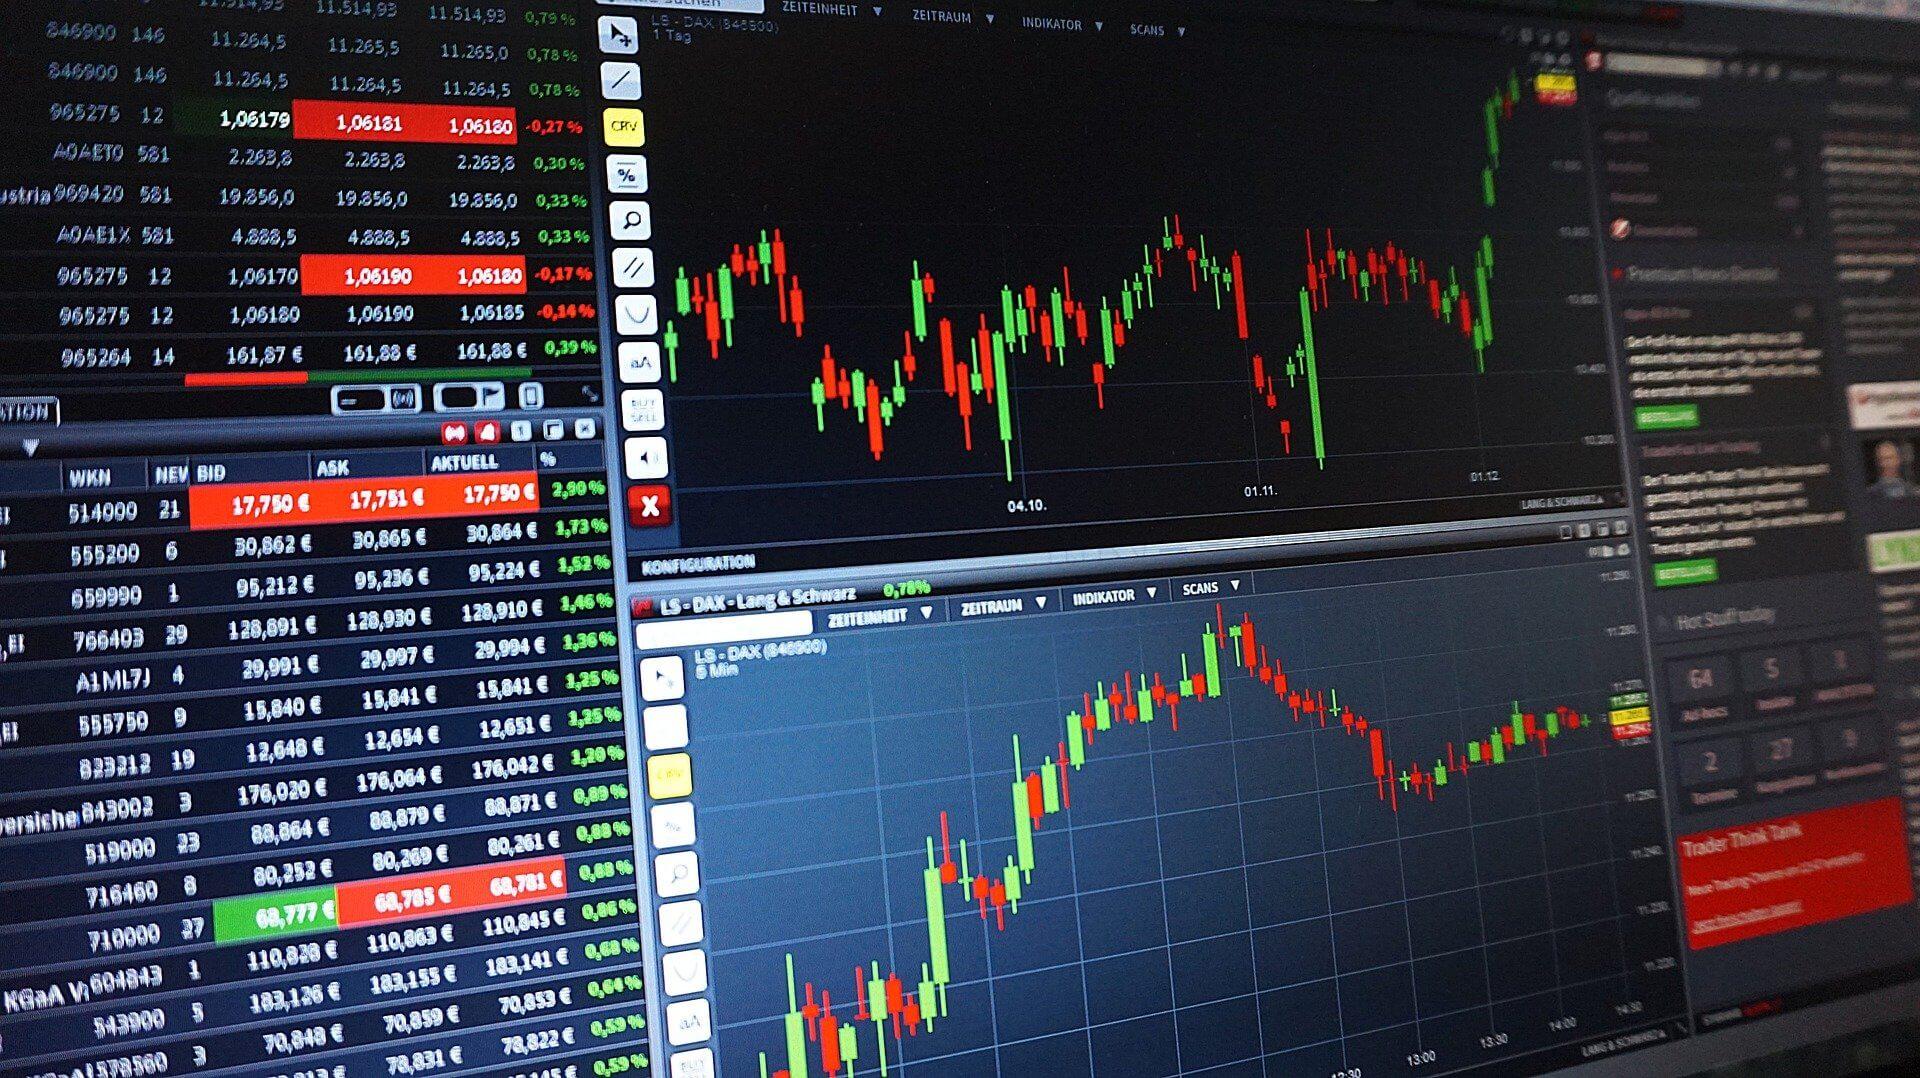 米国小型株 S&P600の上昇は速すぎ?いまいちだった米国1月雇用統計。